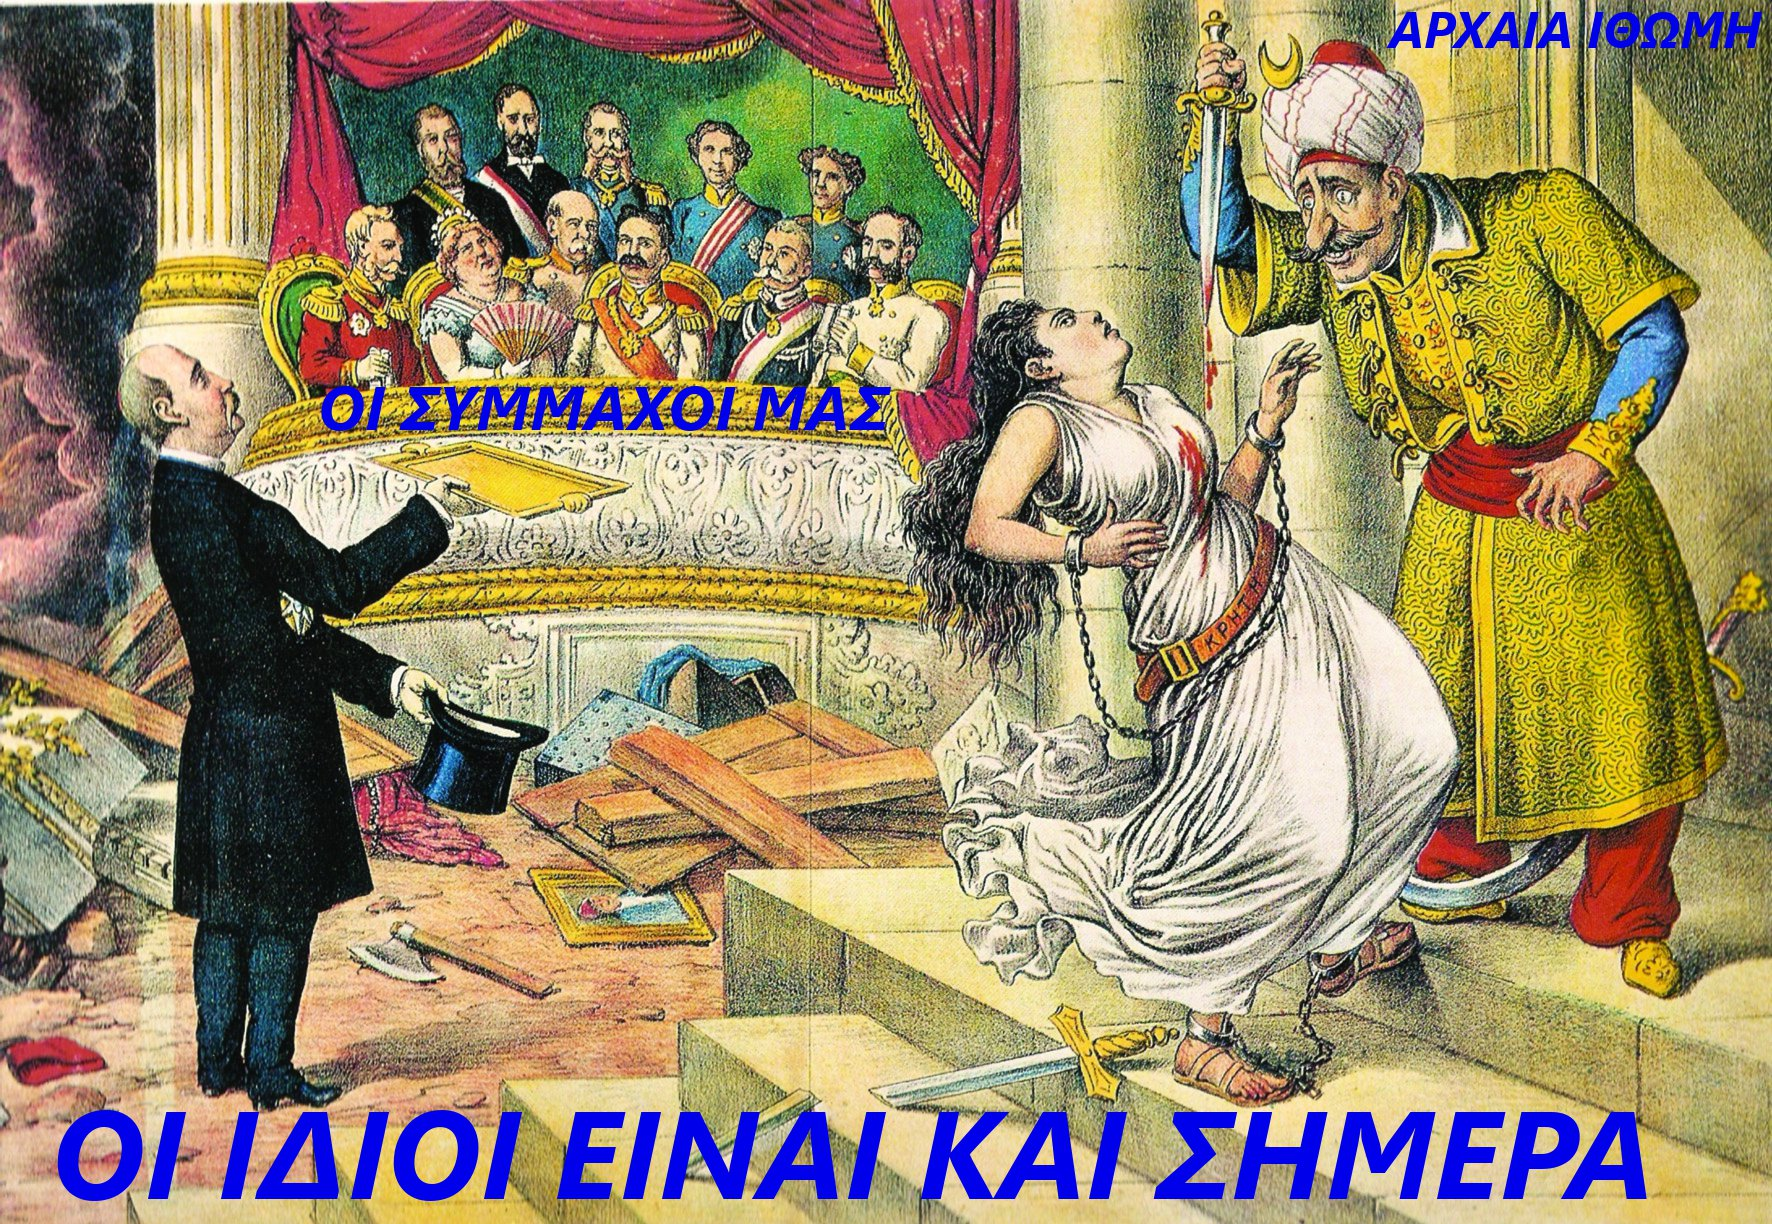 Αντίγραφο από Η ΔΗΜΟΚΡΑΤΙΑ ΜΑΧΑΙΡΩΜΕΝΗ